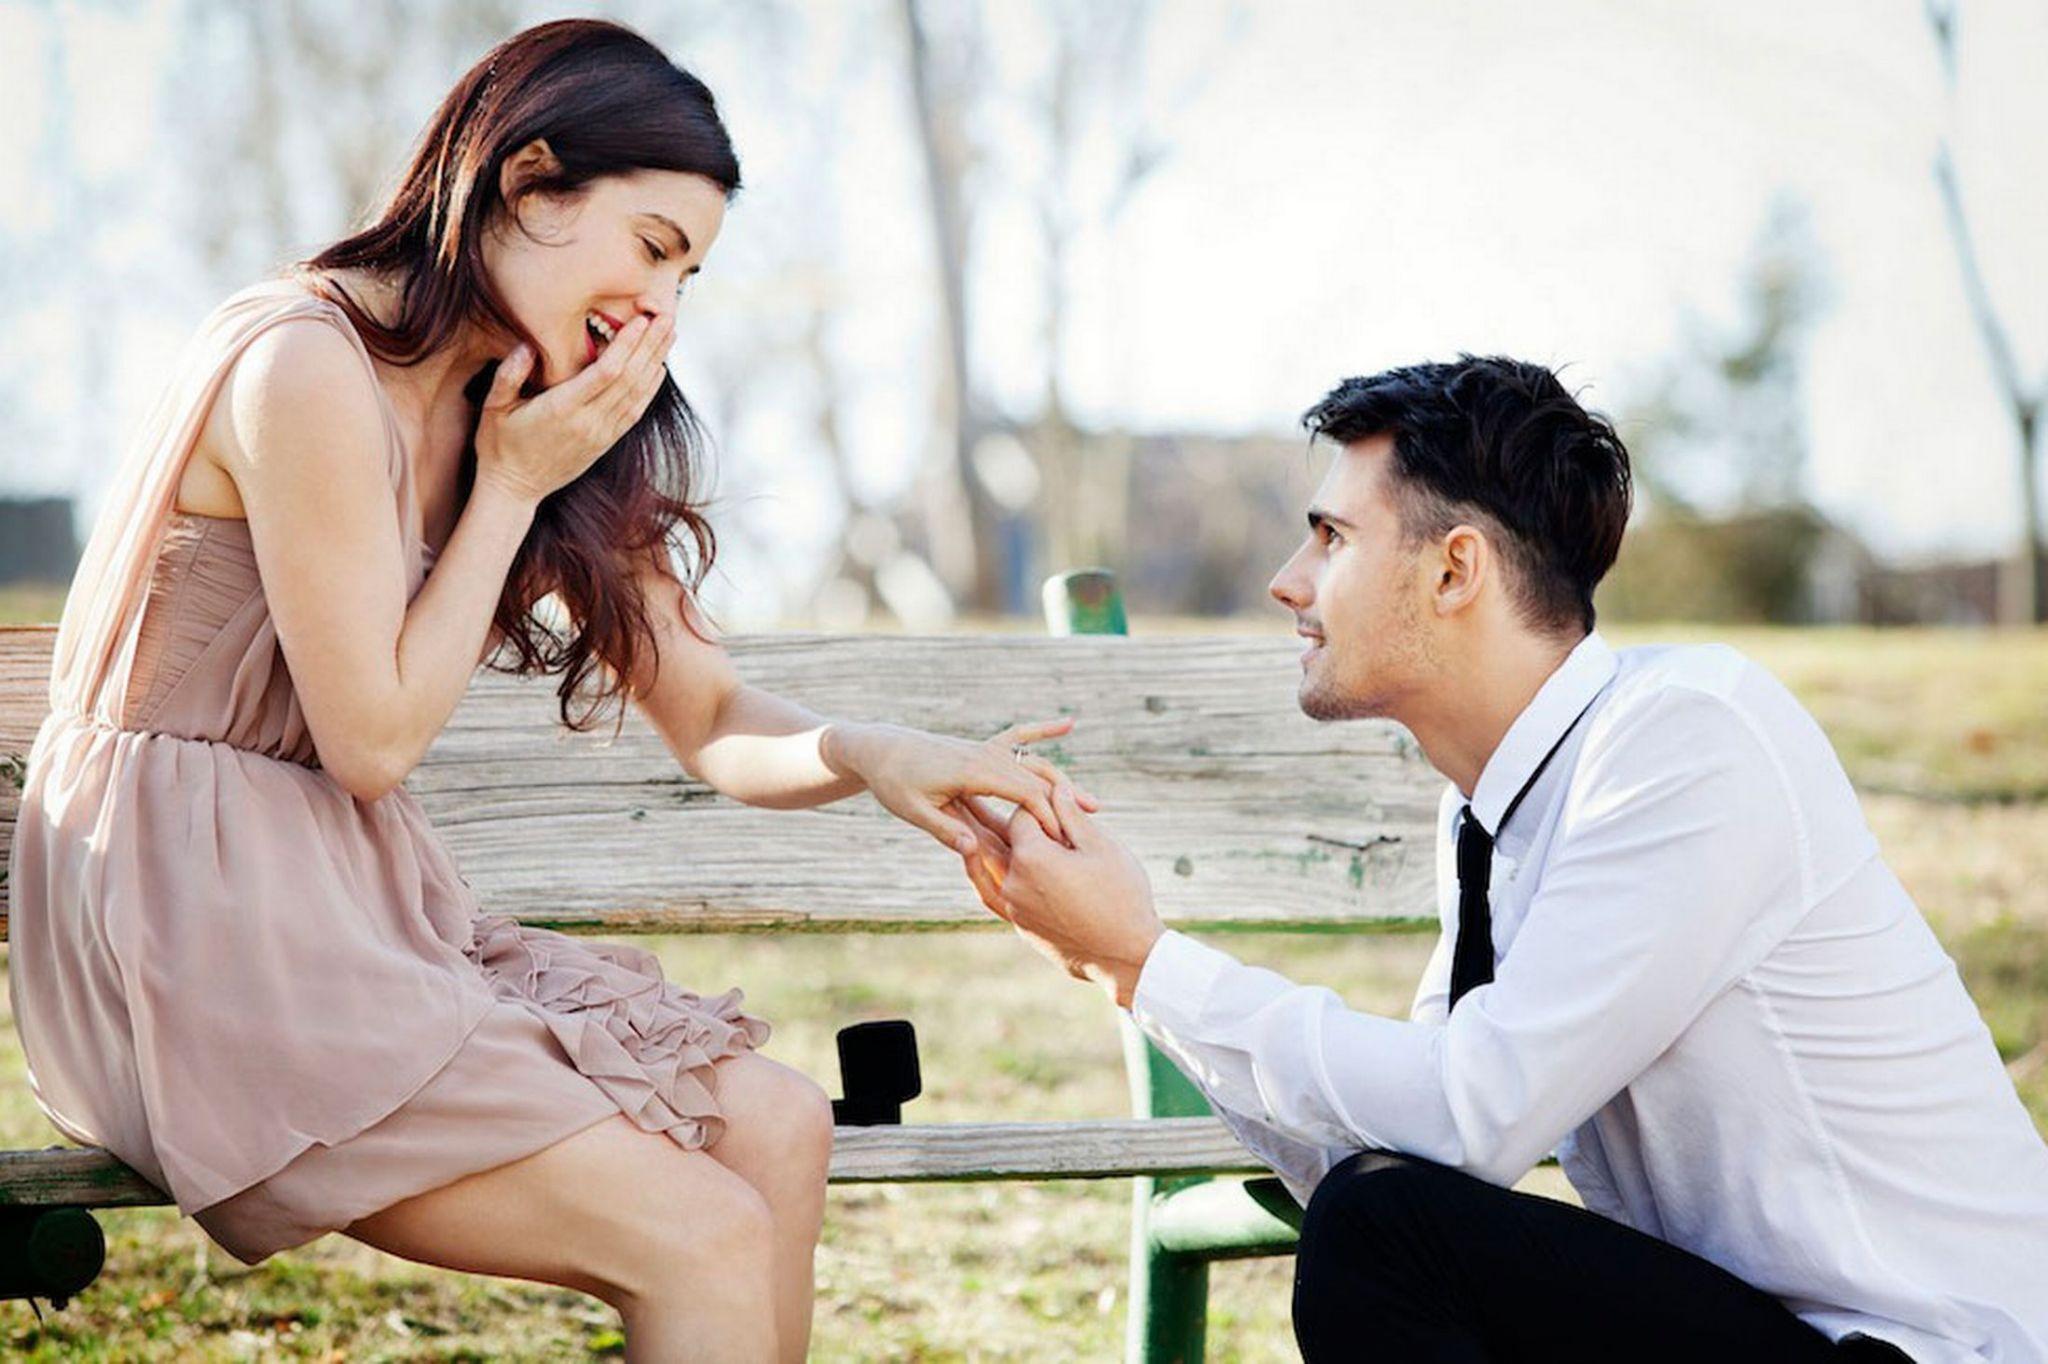 Говорят, дождь в день свадьбы к счастью, к тому же на свадебных фотографиях вы не будете щурится от